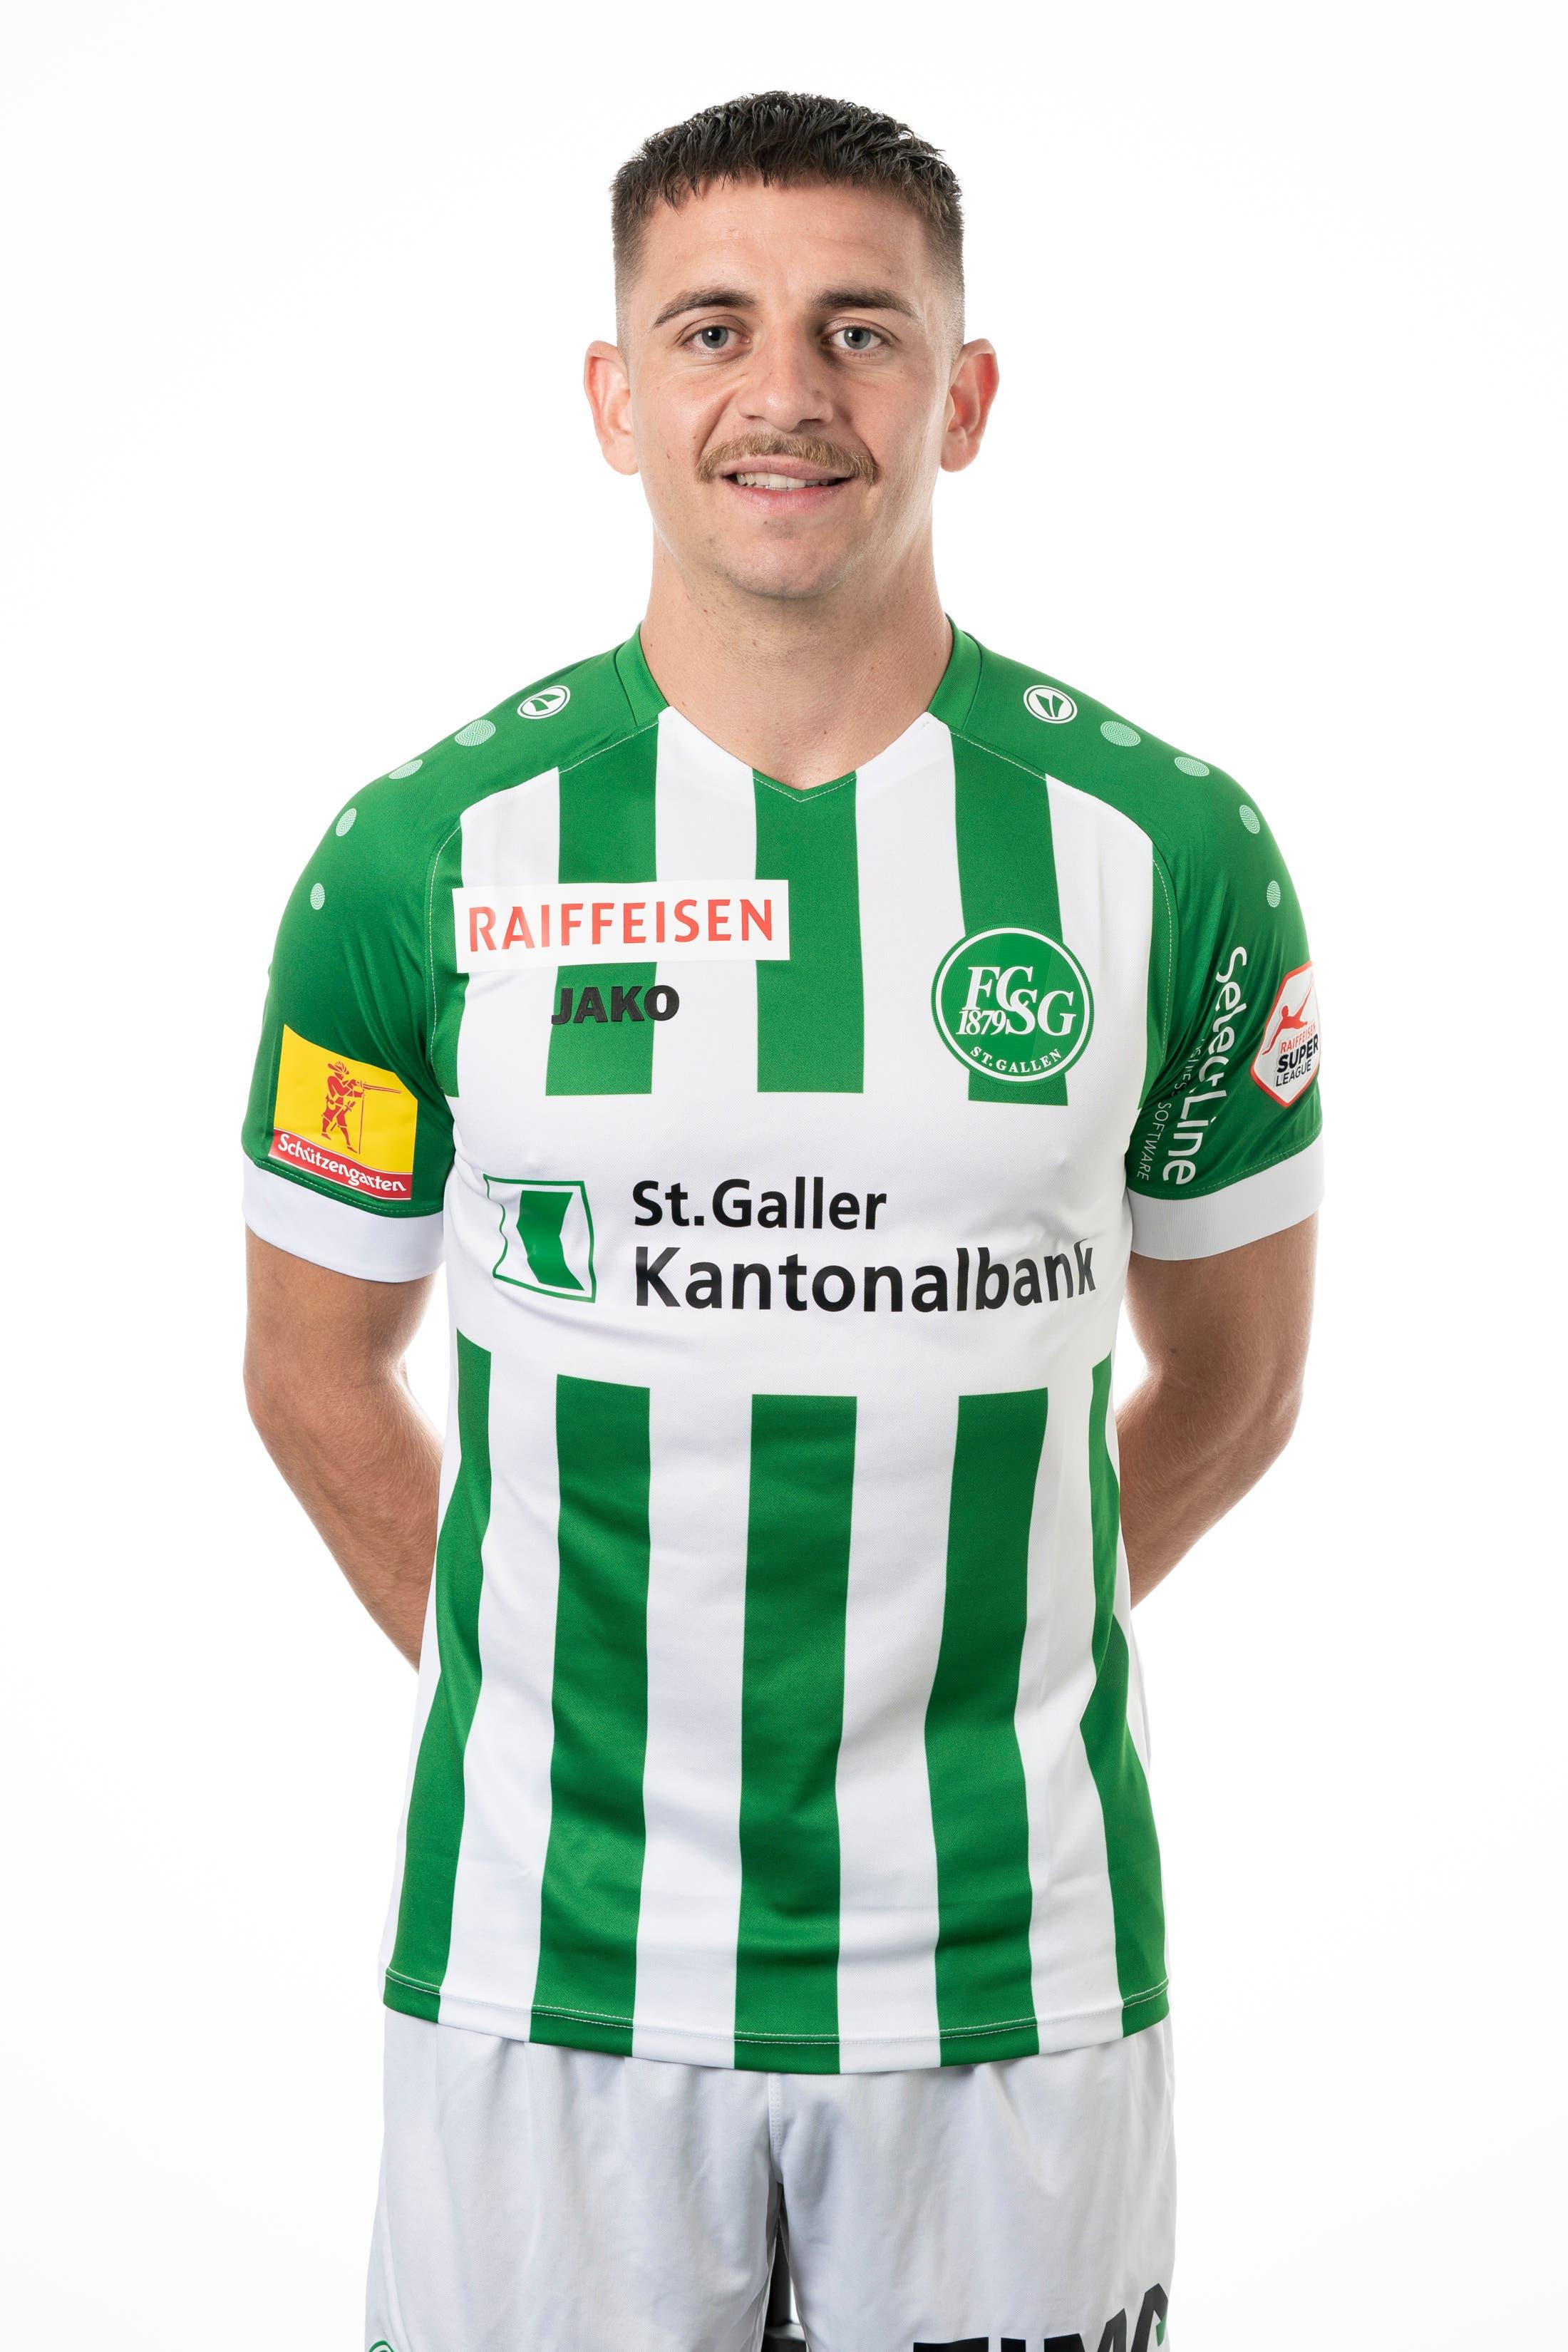 Basil Stillhart: Note 4,5. Spielt erstmals für St. Gallen als Rechtsverteidiger. Die Allzweckwaffe macht das recht gut.